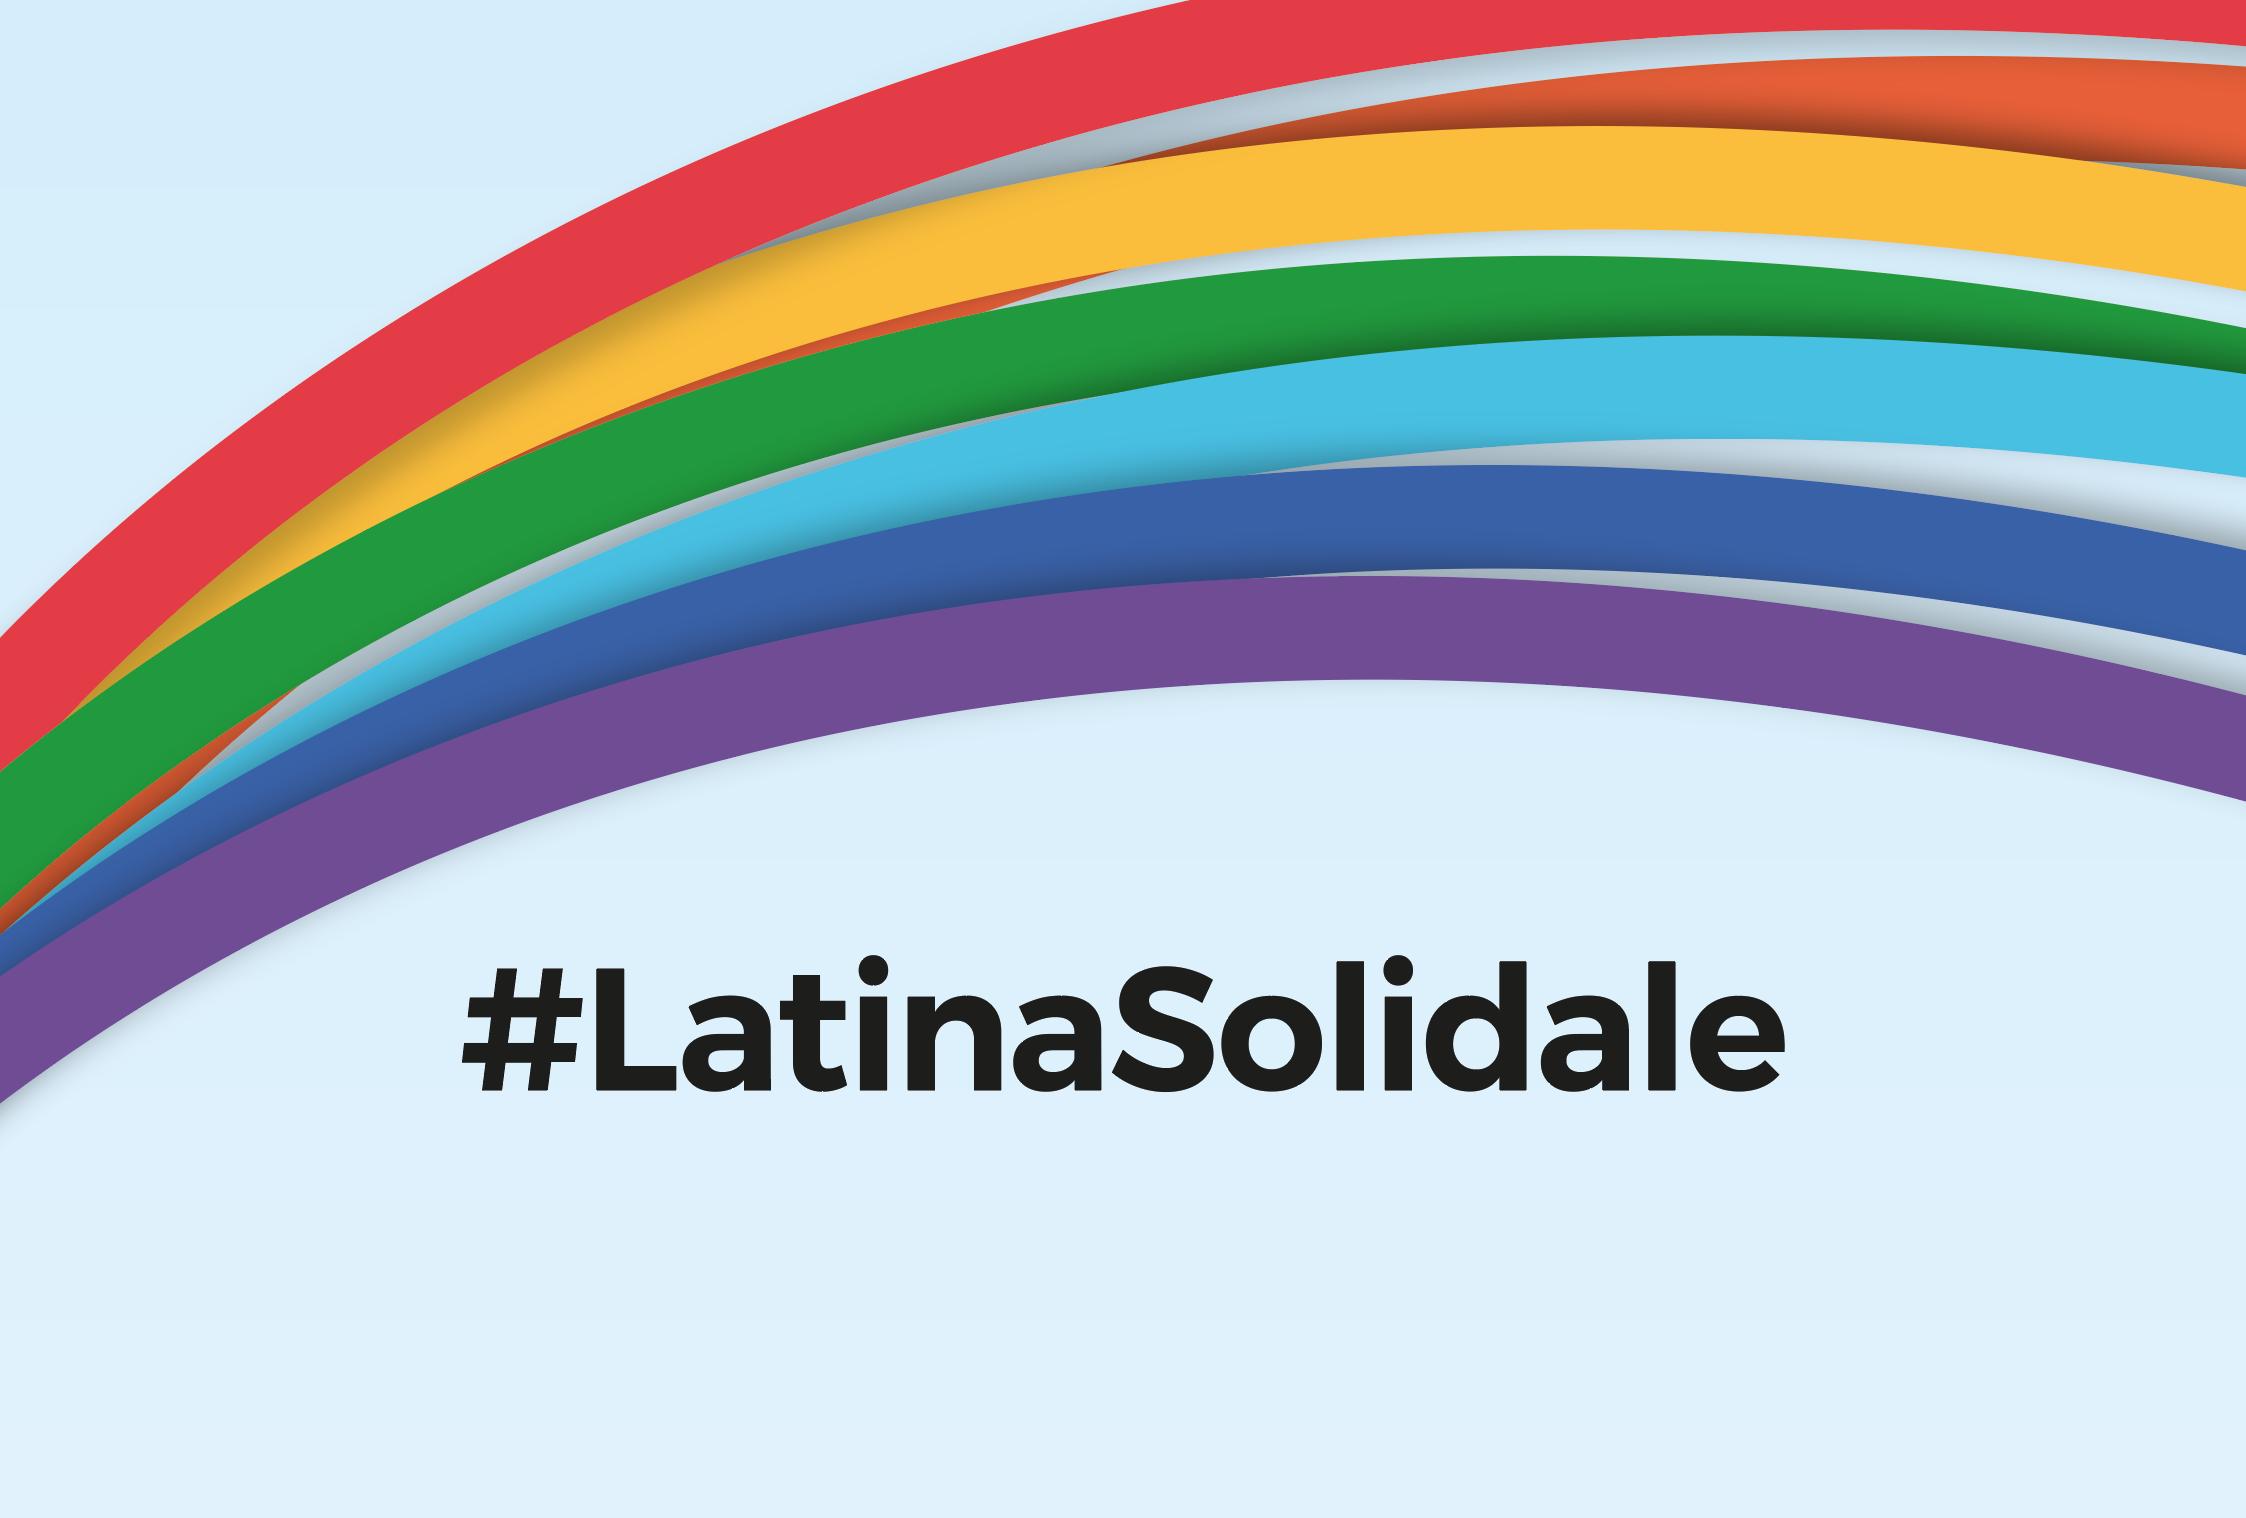 #LatinaSolidale